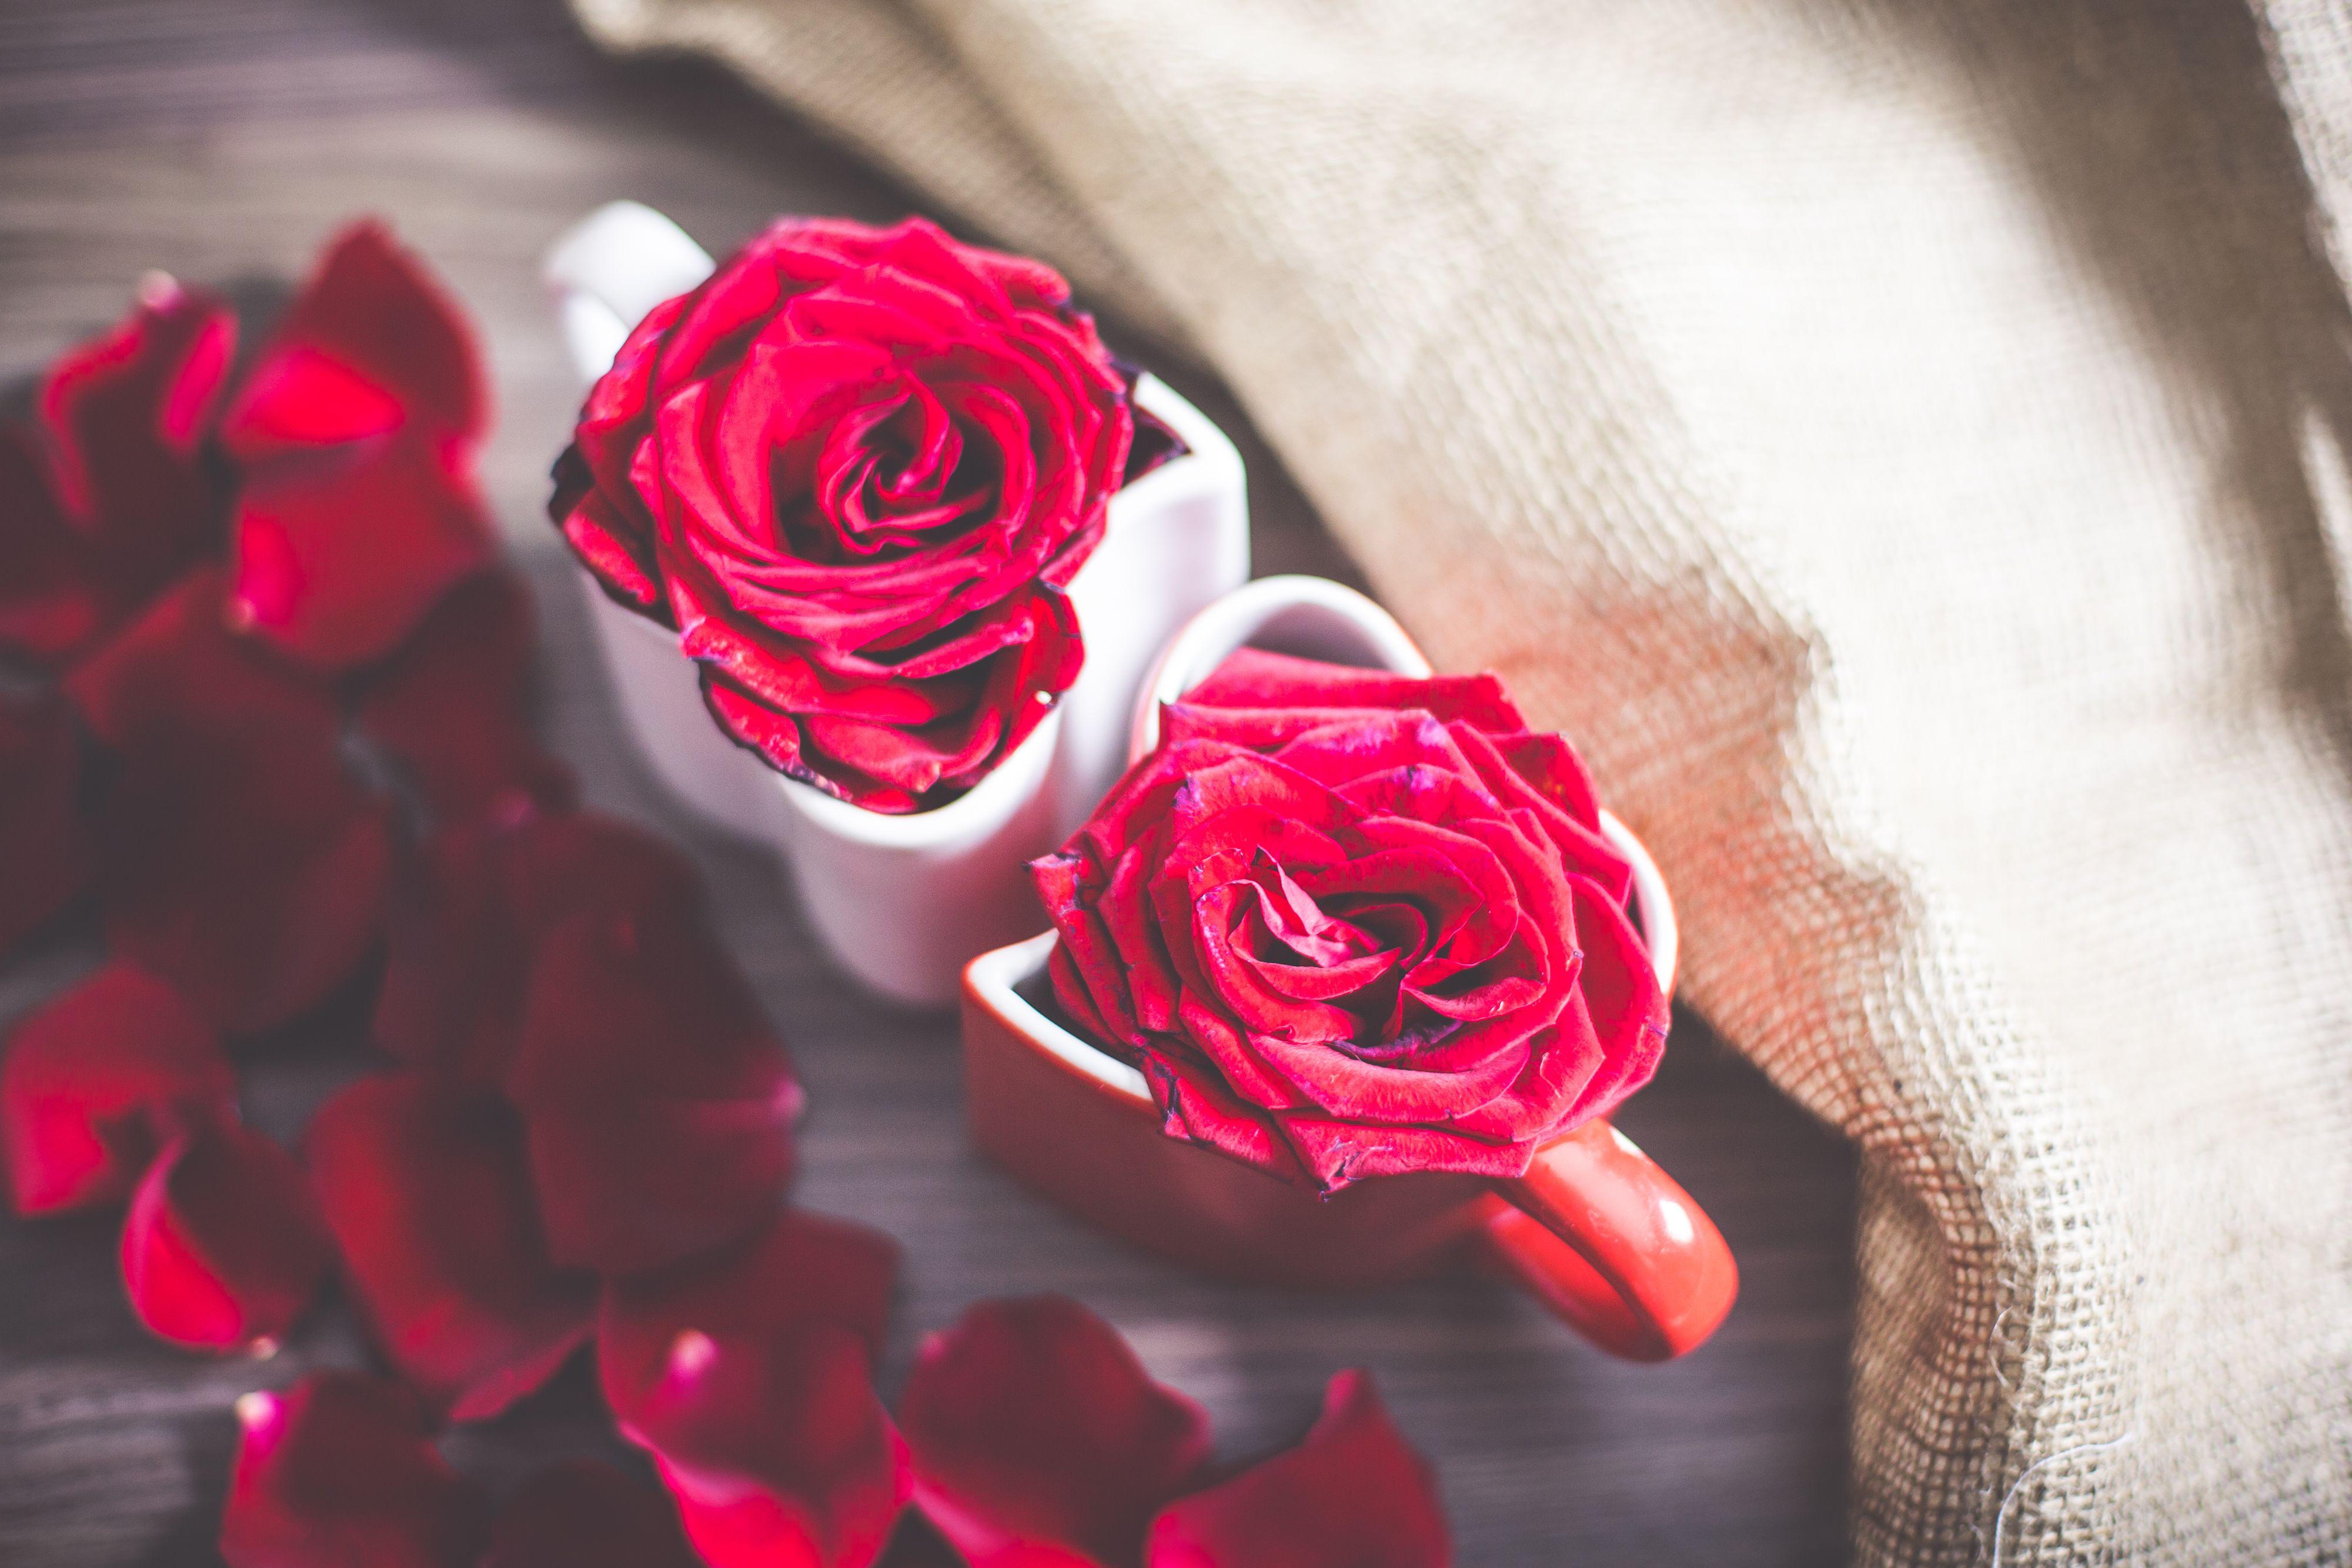 Pin by Unicornya on LOVE ️ LOVE ️ LOVE Coffee heart